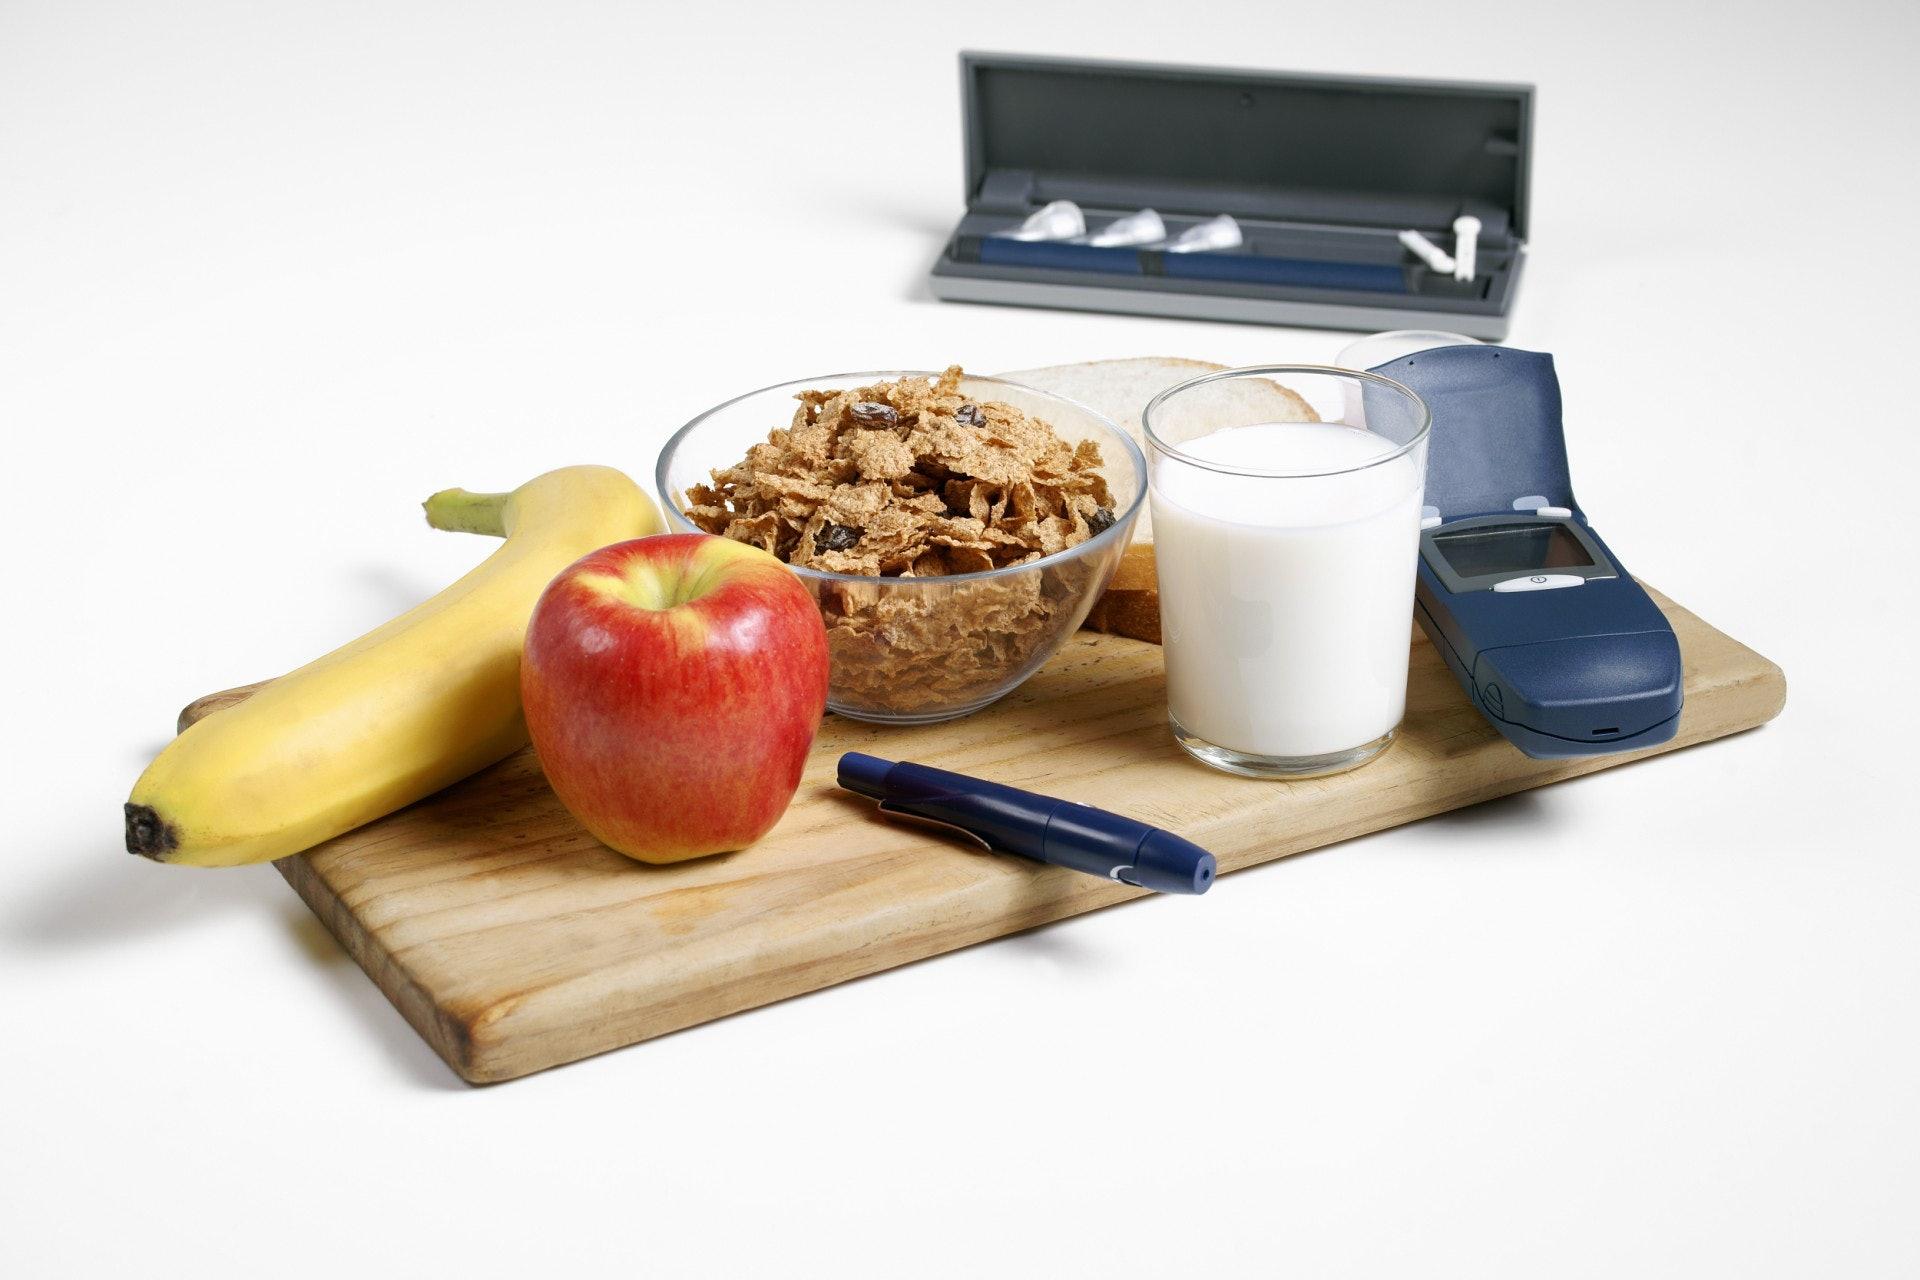 注重飲食健康及適量運動,是預防糖尿病的有效方法之一。(視覺中國)